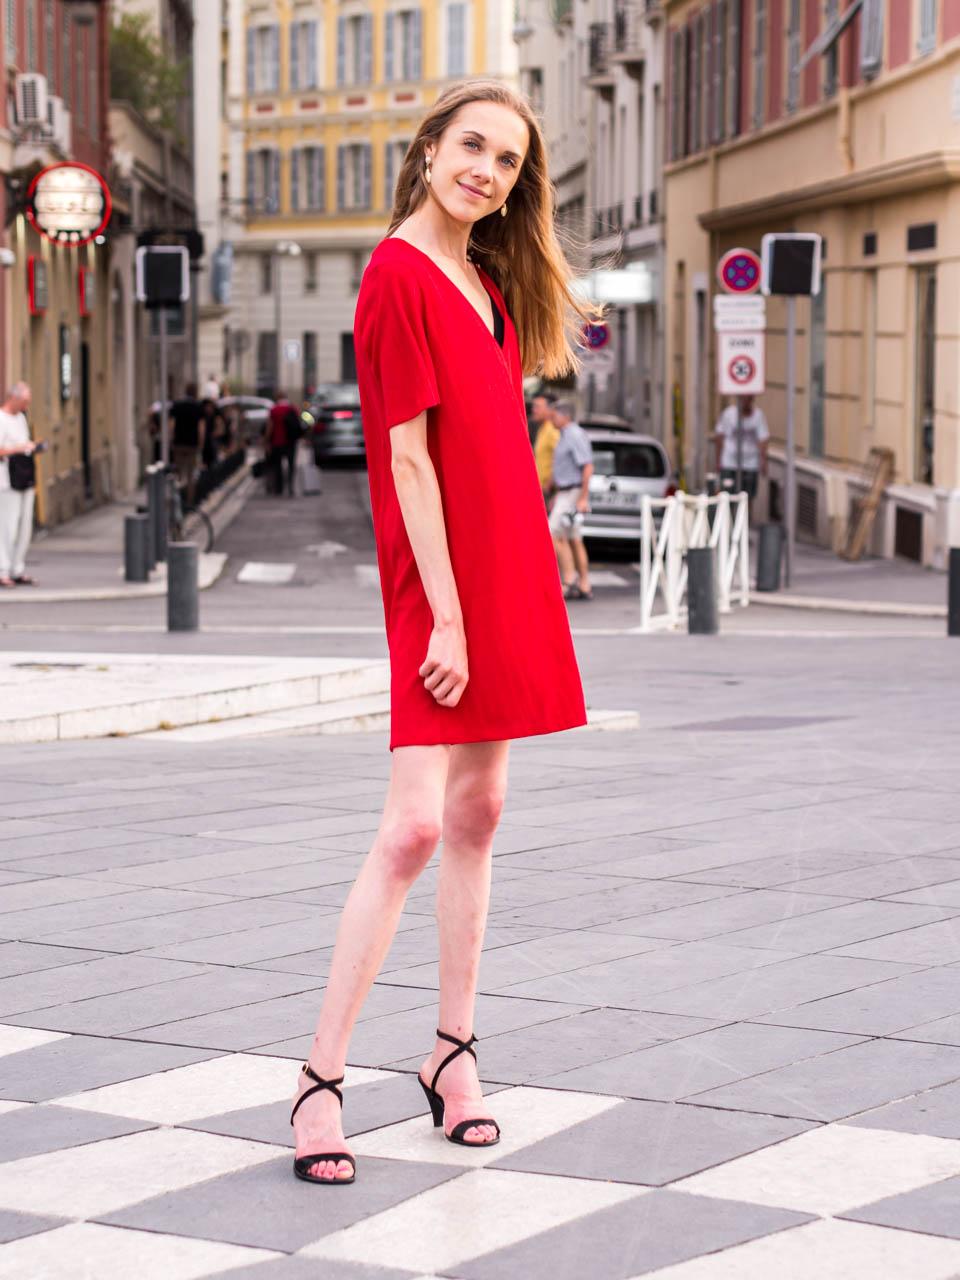 summer-fashion-blogger-outfit-streetstyle-nice-france-muotiblogi-kesämuoti-bloggaaja-kesämekko-nizza-ranska